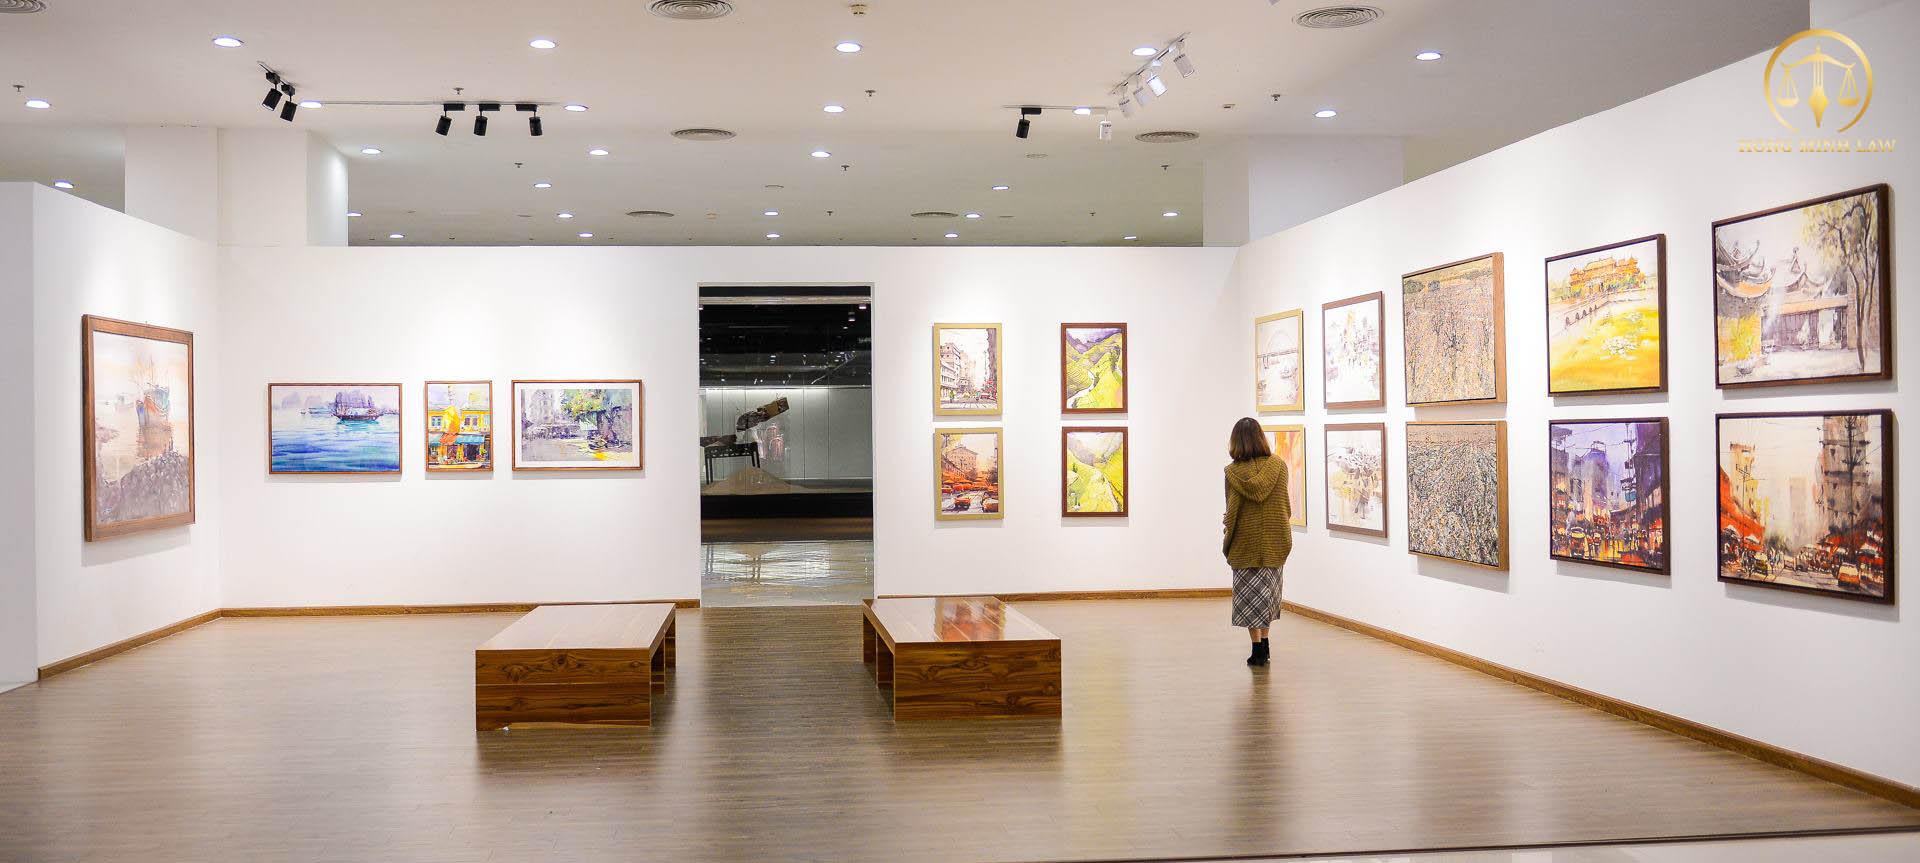 Cấp giấy phép triển lãm văn hóa, nghệ thuật